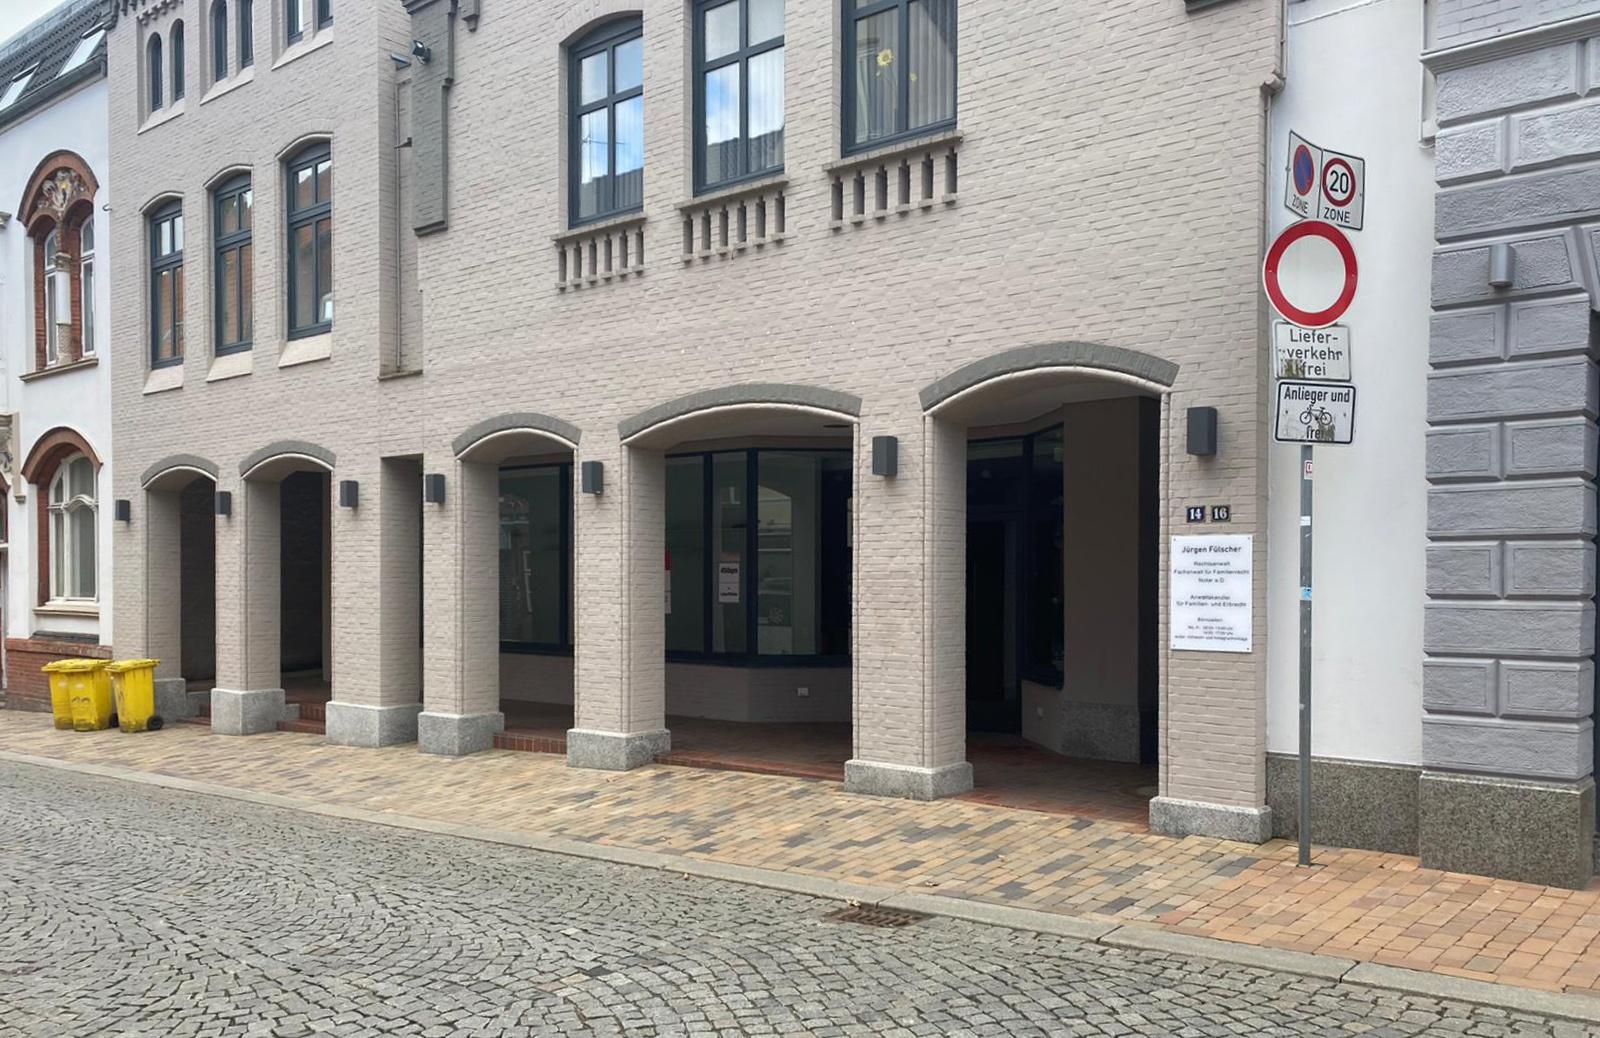 Schnelltest-Zentrum Gebäude von außen